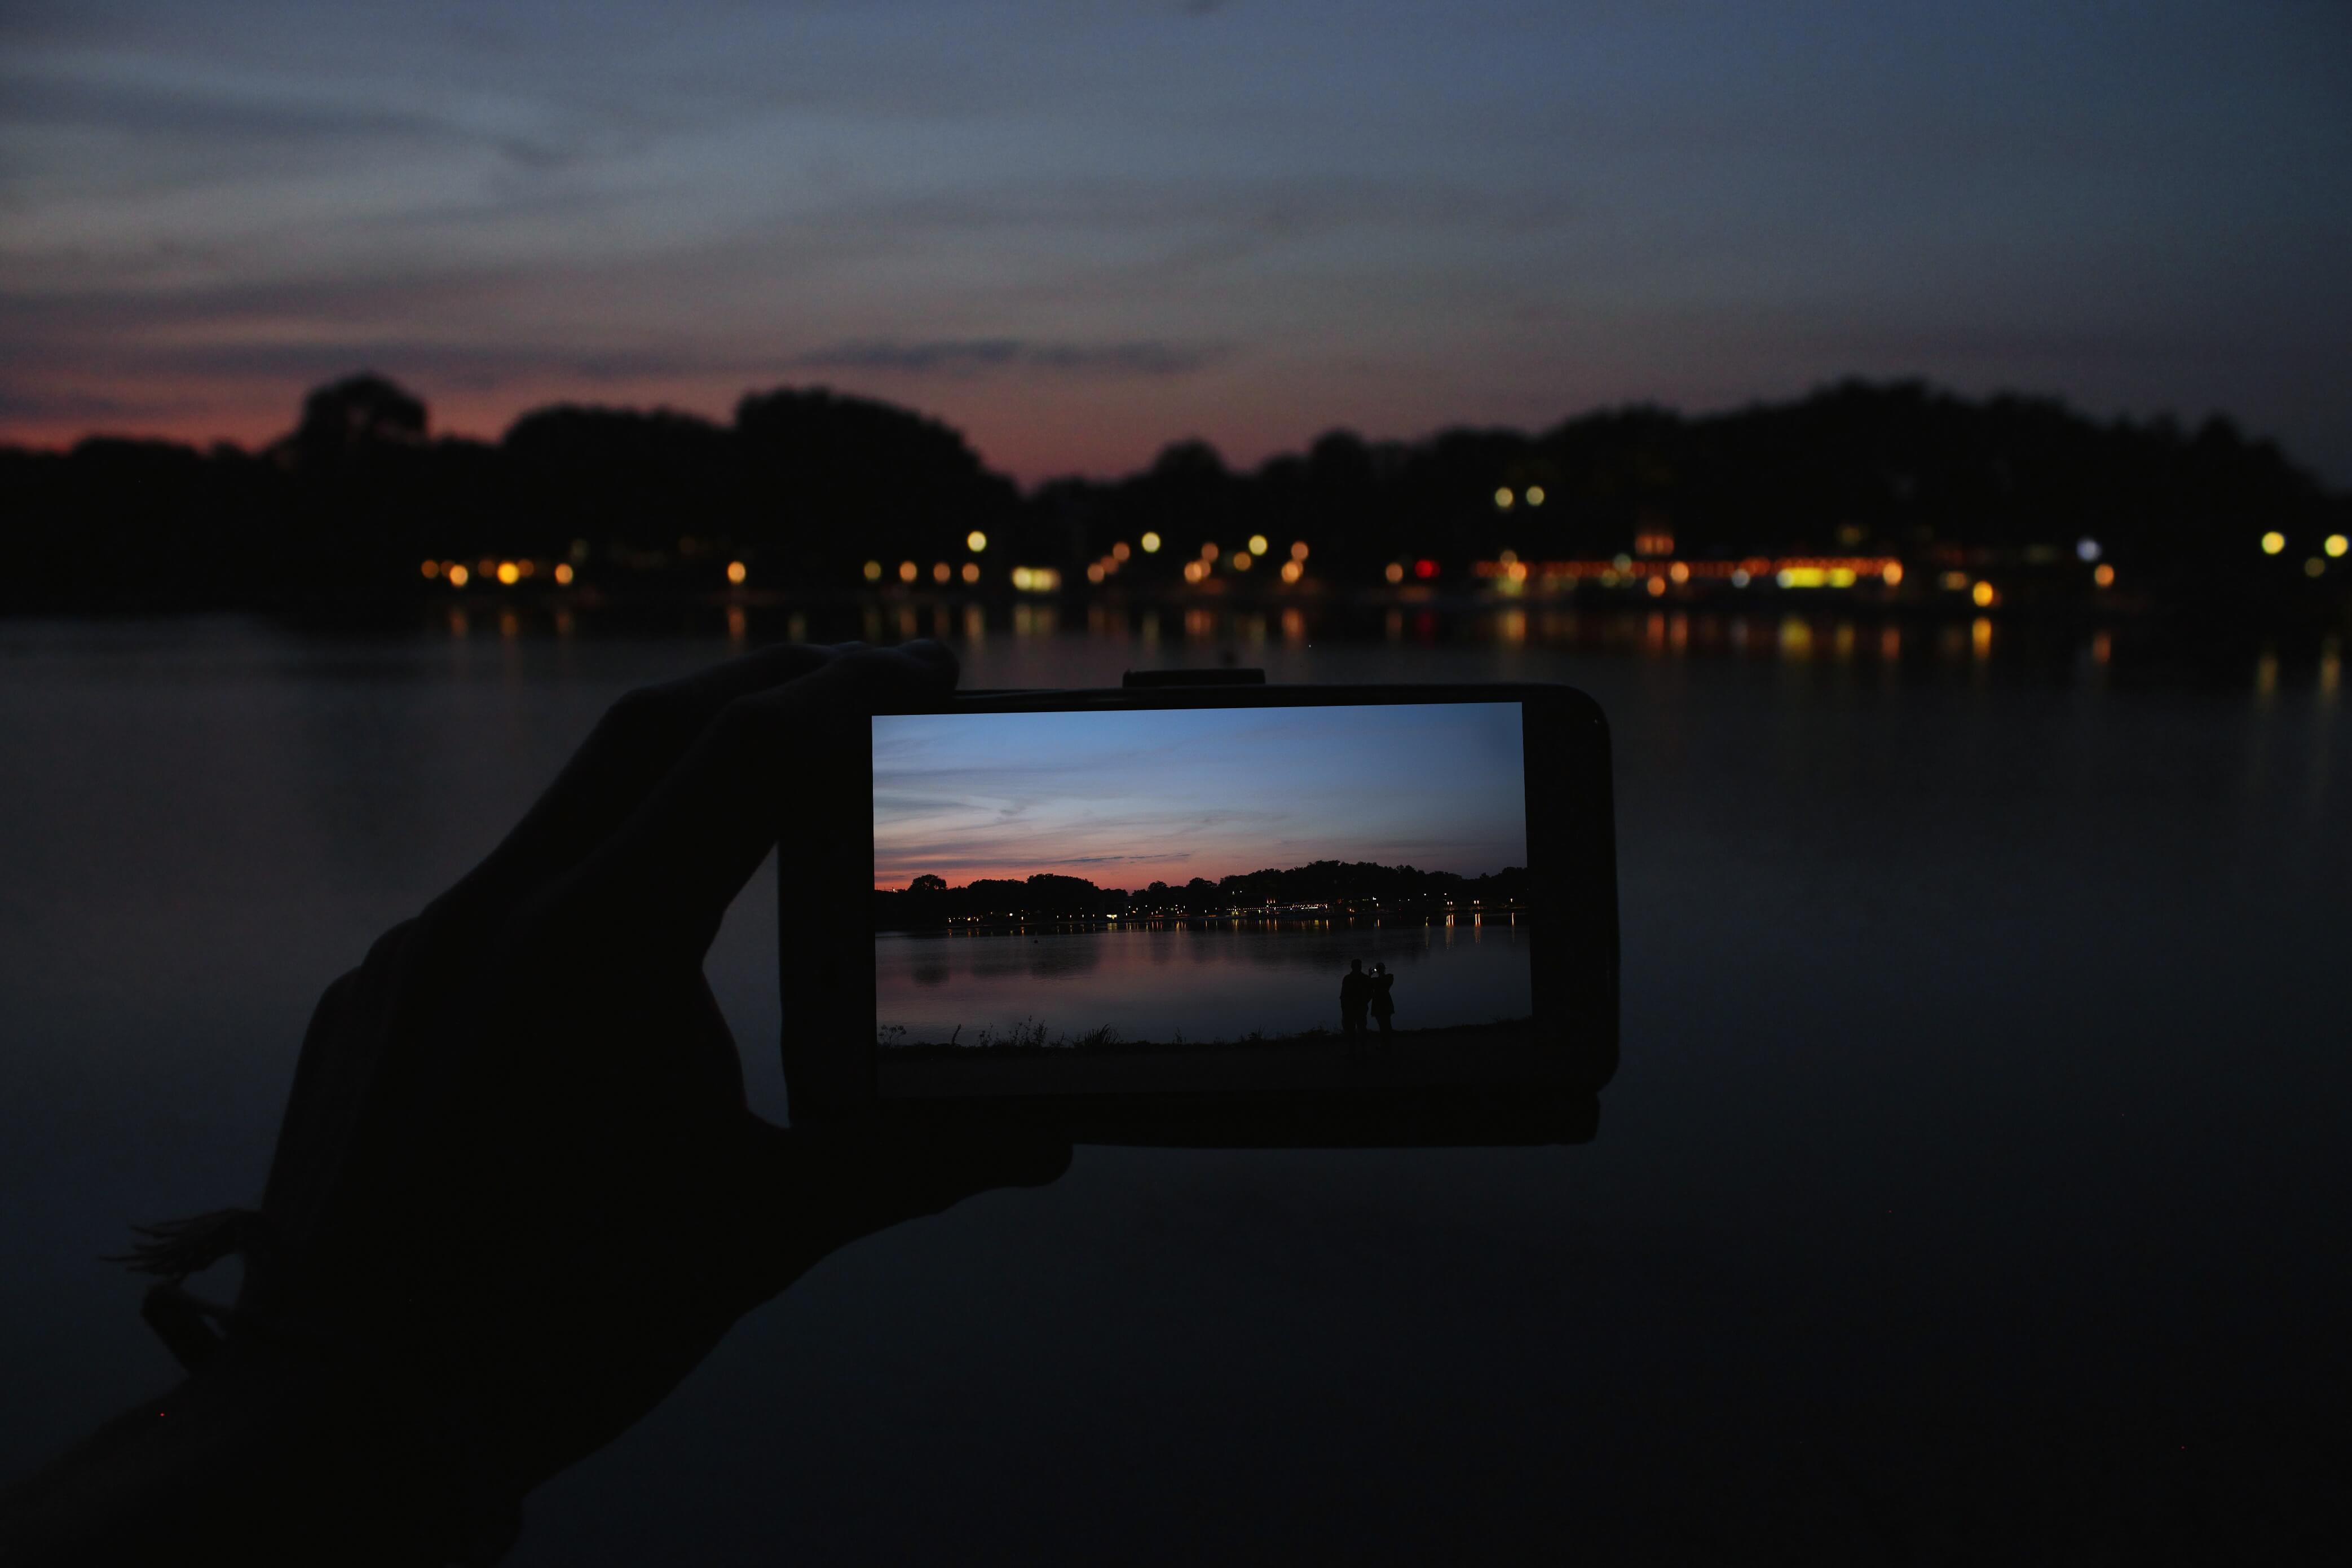 pexels-photo-373094